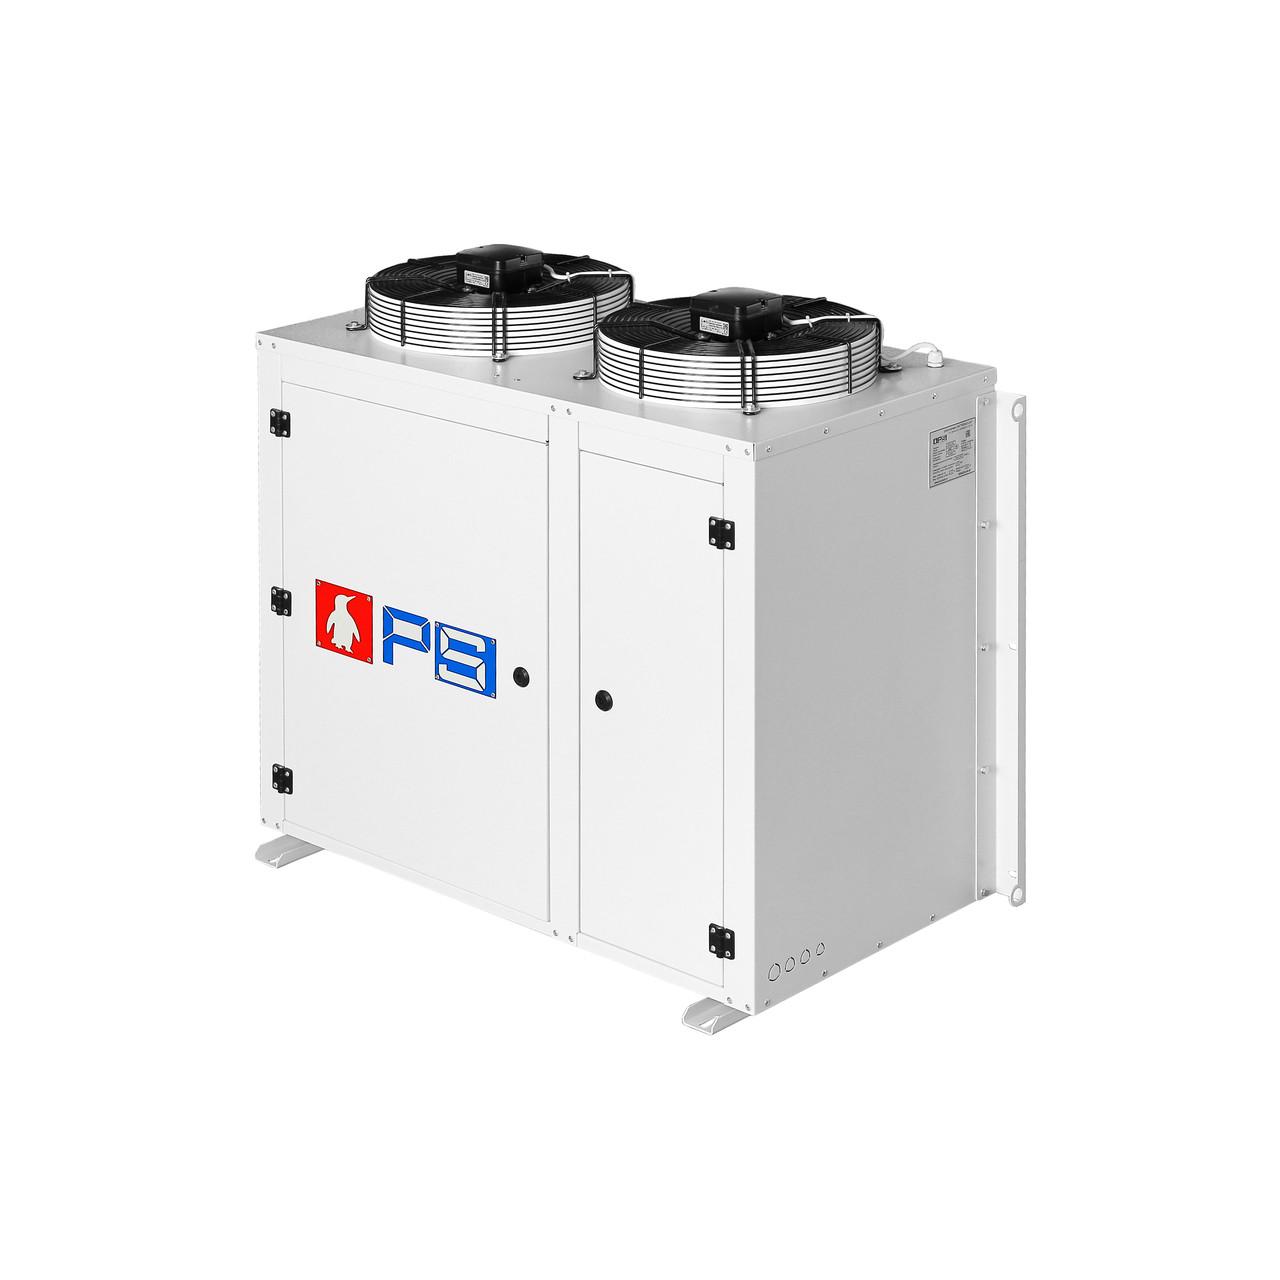 Сплит-система среднетемпературная ПОЛЮС-САР 25-58м³ MGS 315 F S